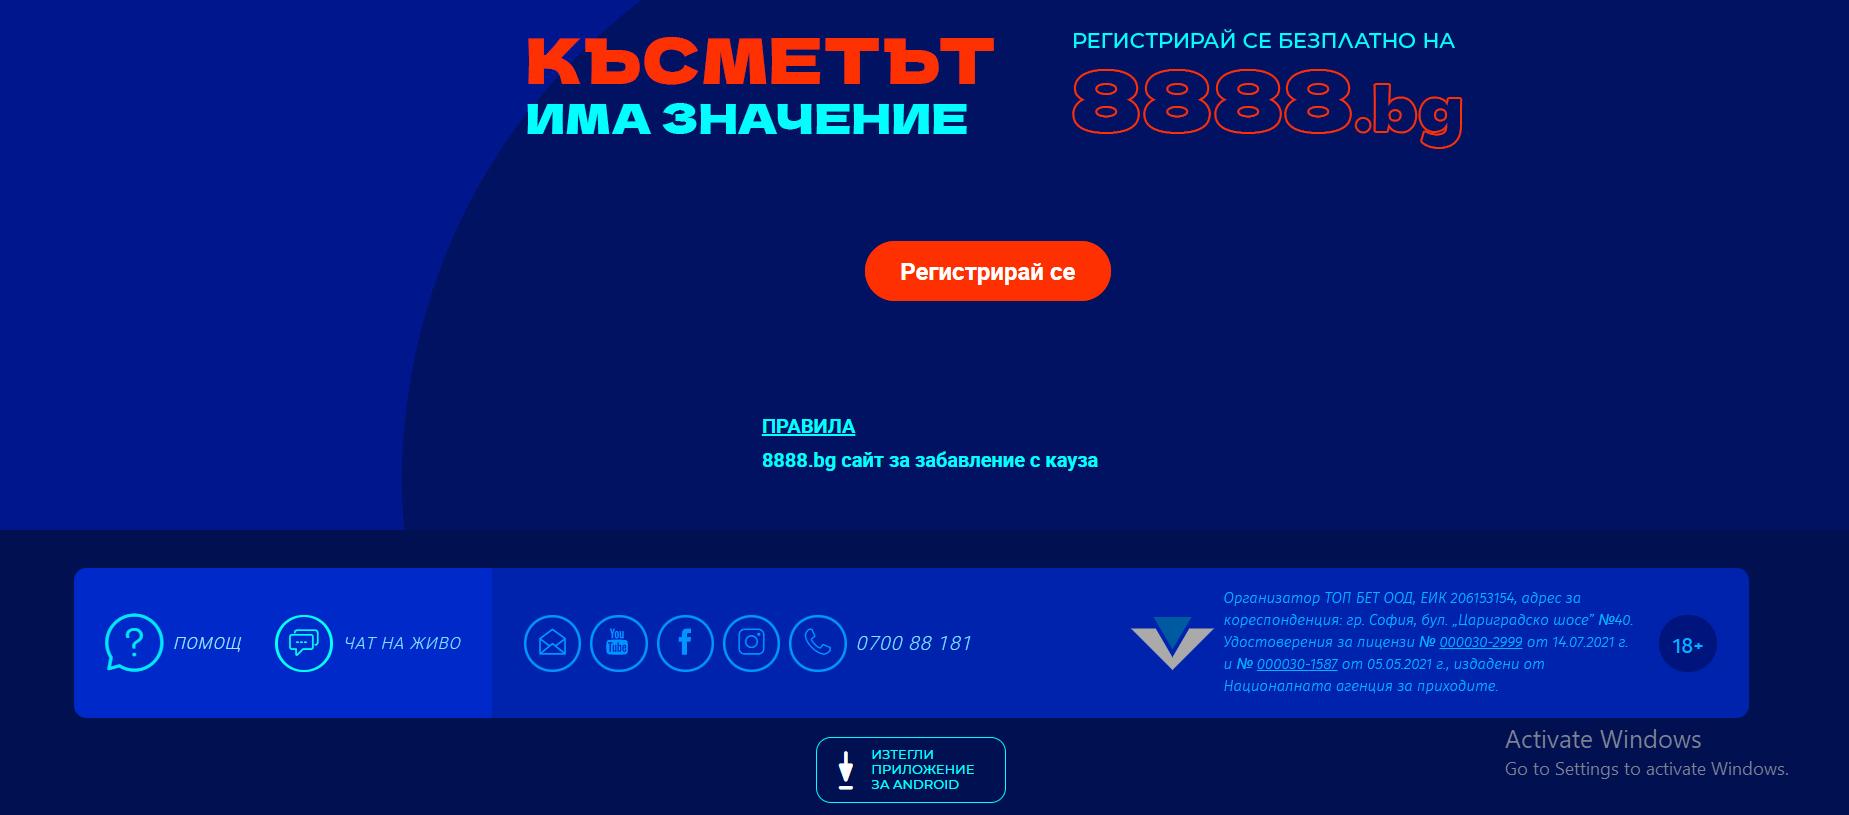 8888.bg registriray se-komarbet.com